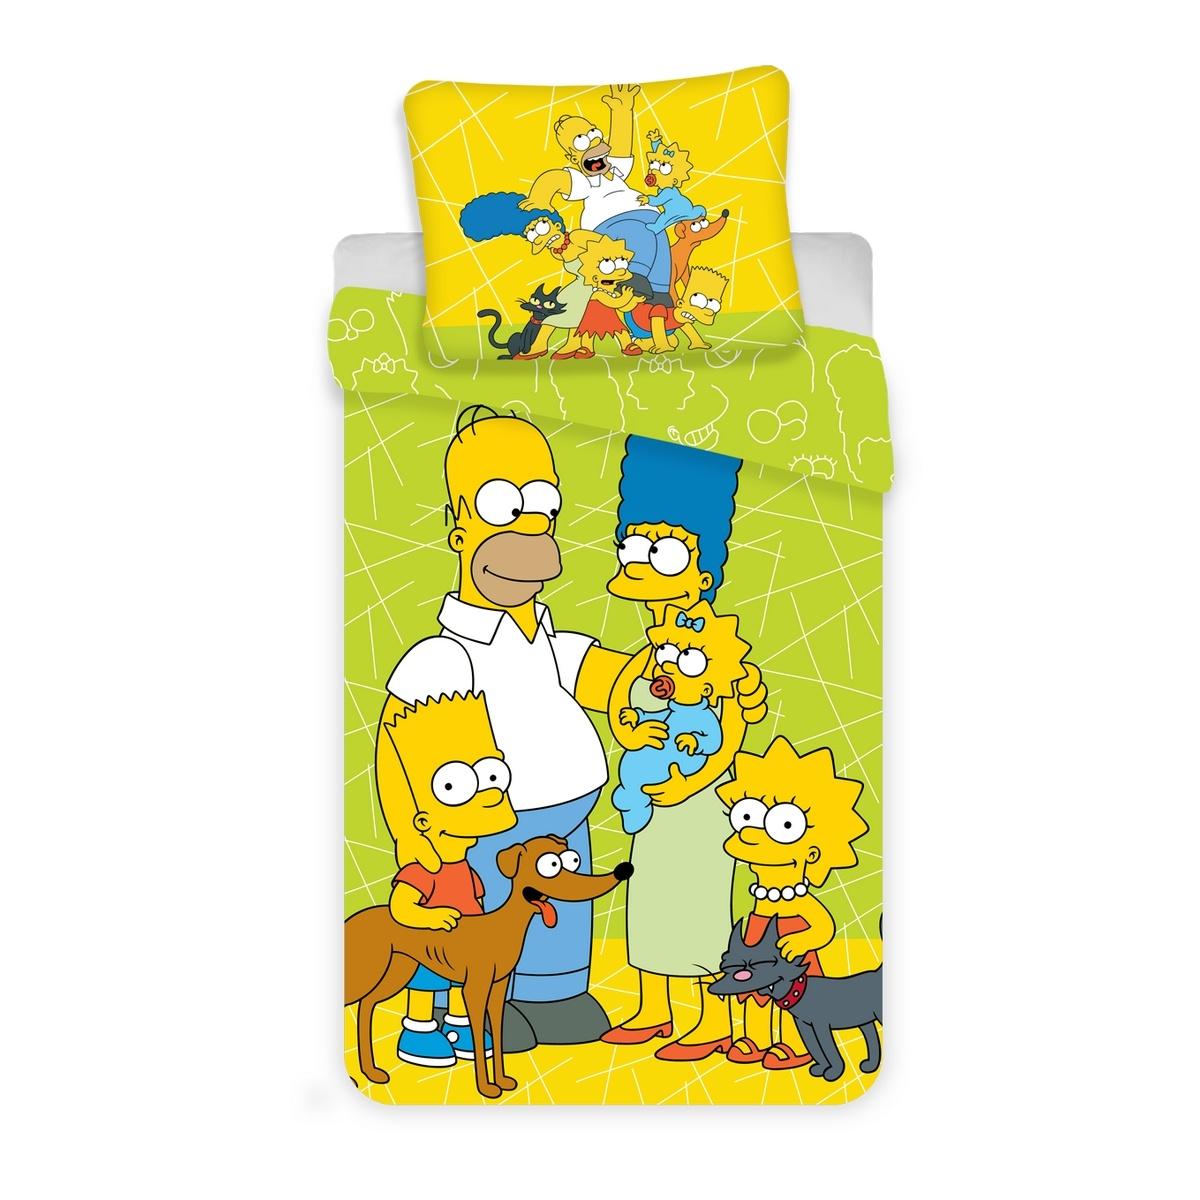 Jerry Fabrics Dětské bavlněné povlečení Simpsons Green 02, 140 x 200 cm, 70 x 90 cm